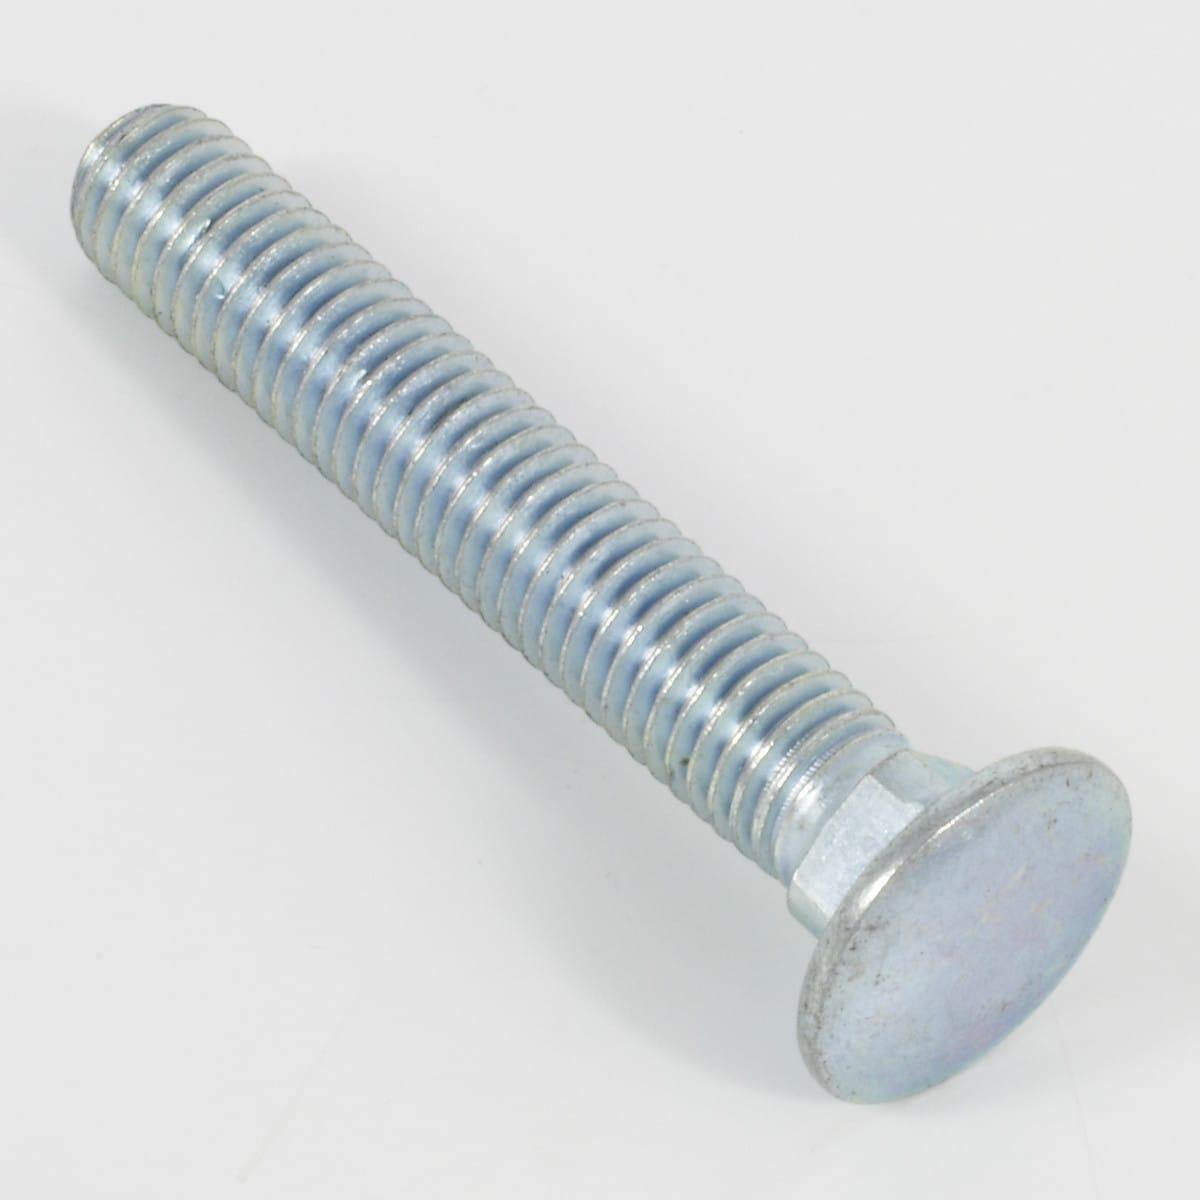 Flachrundschraube M8 x 40 mm